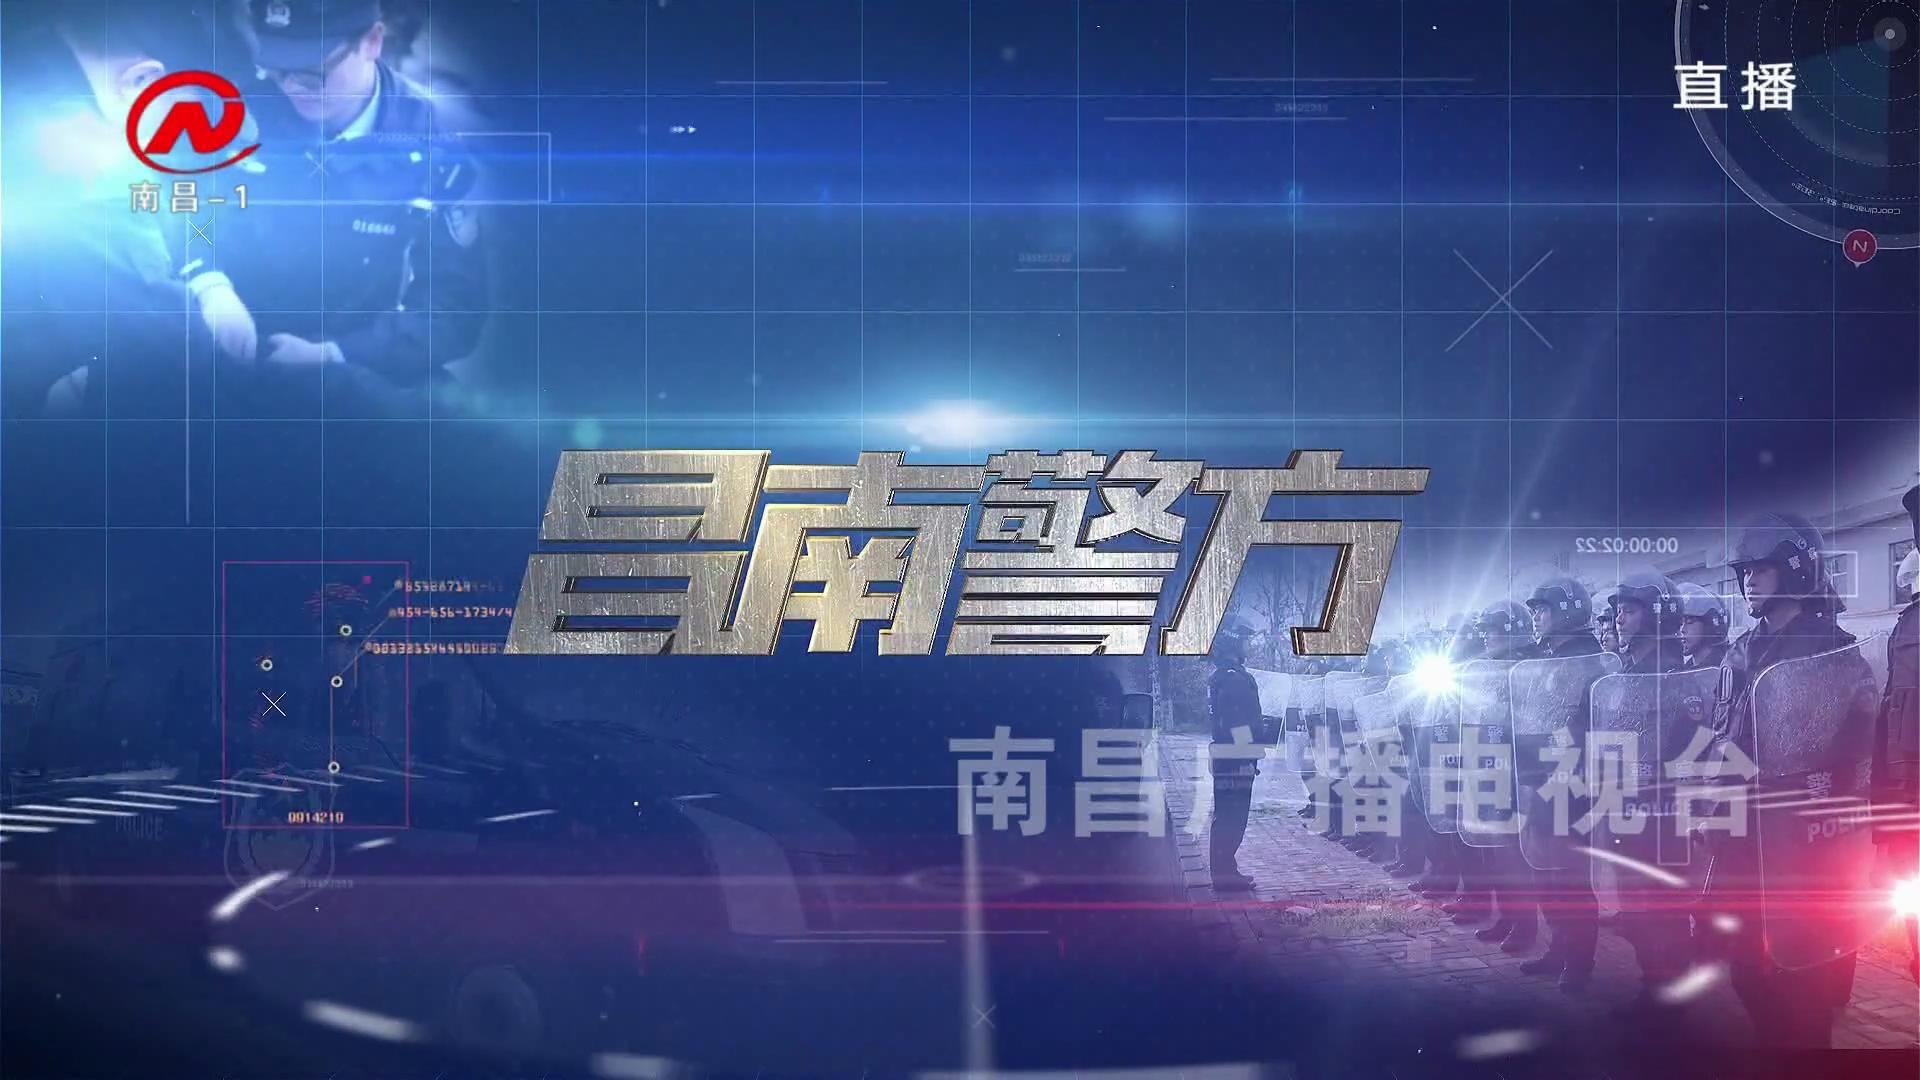 昌南警方 2019-03-13